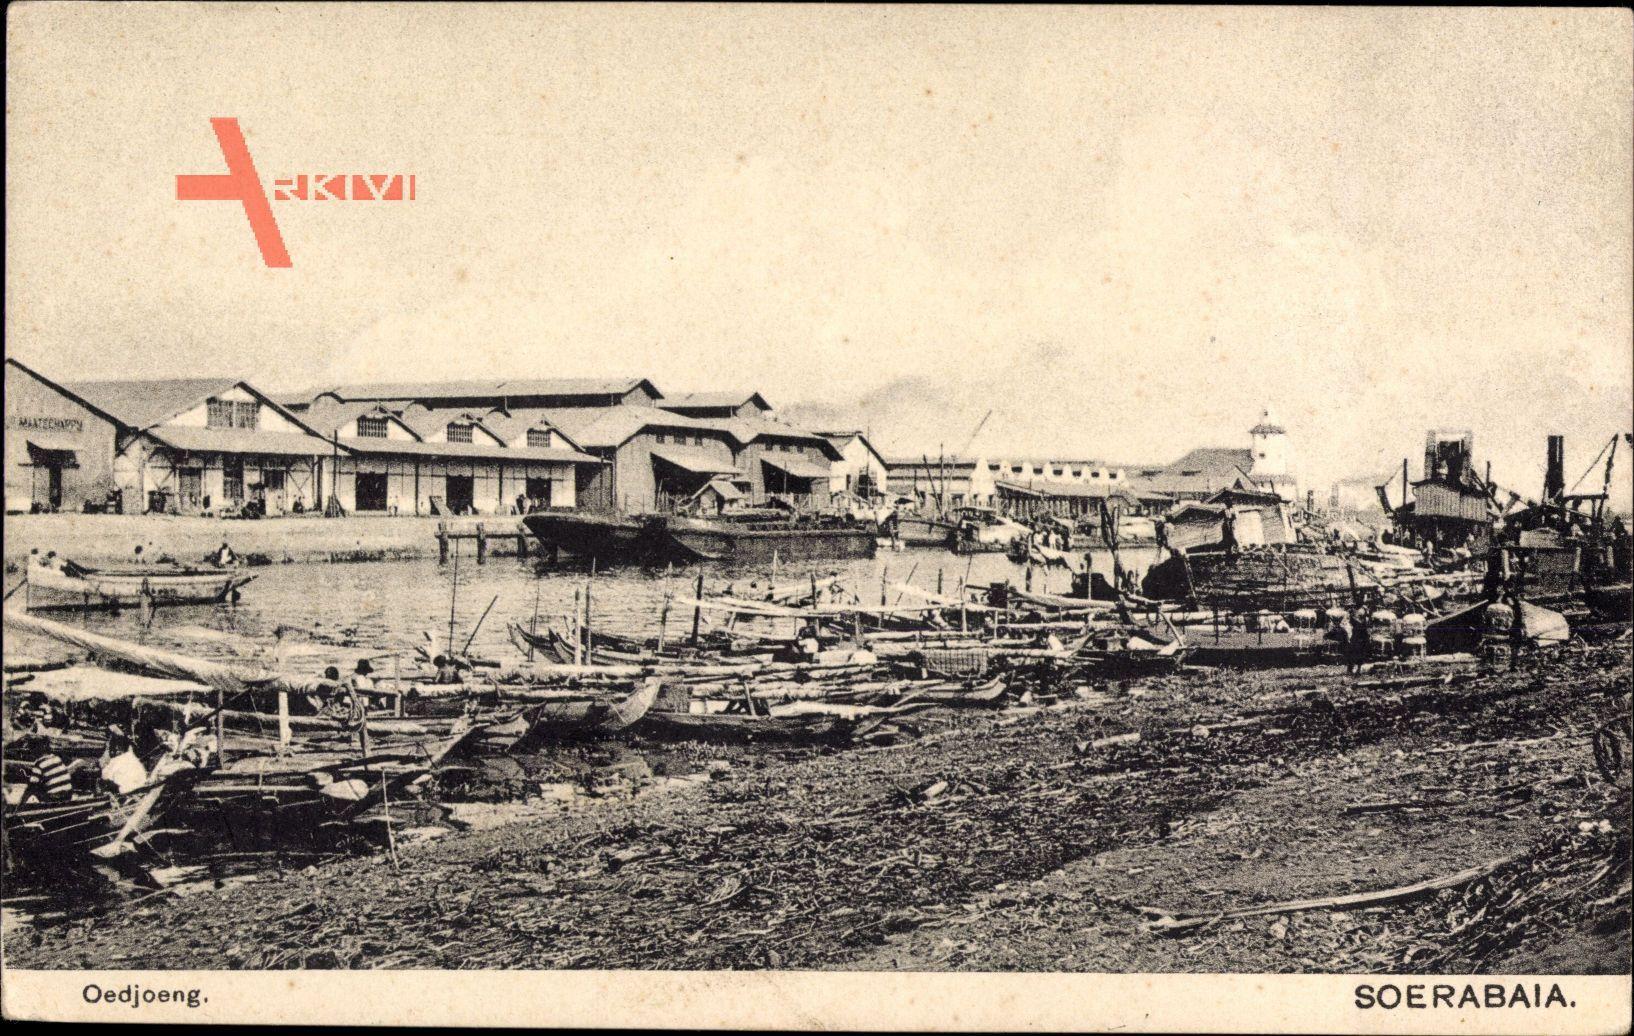 Surabaya Indonesien, Oedjoeng, Blick in den Hafen, Fischerboote